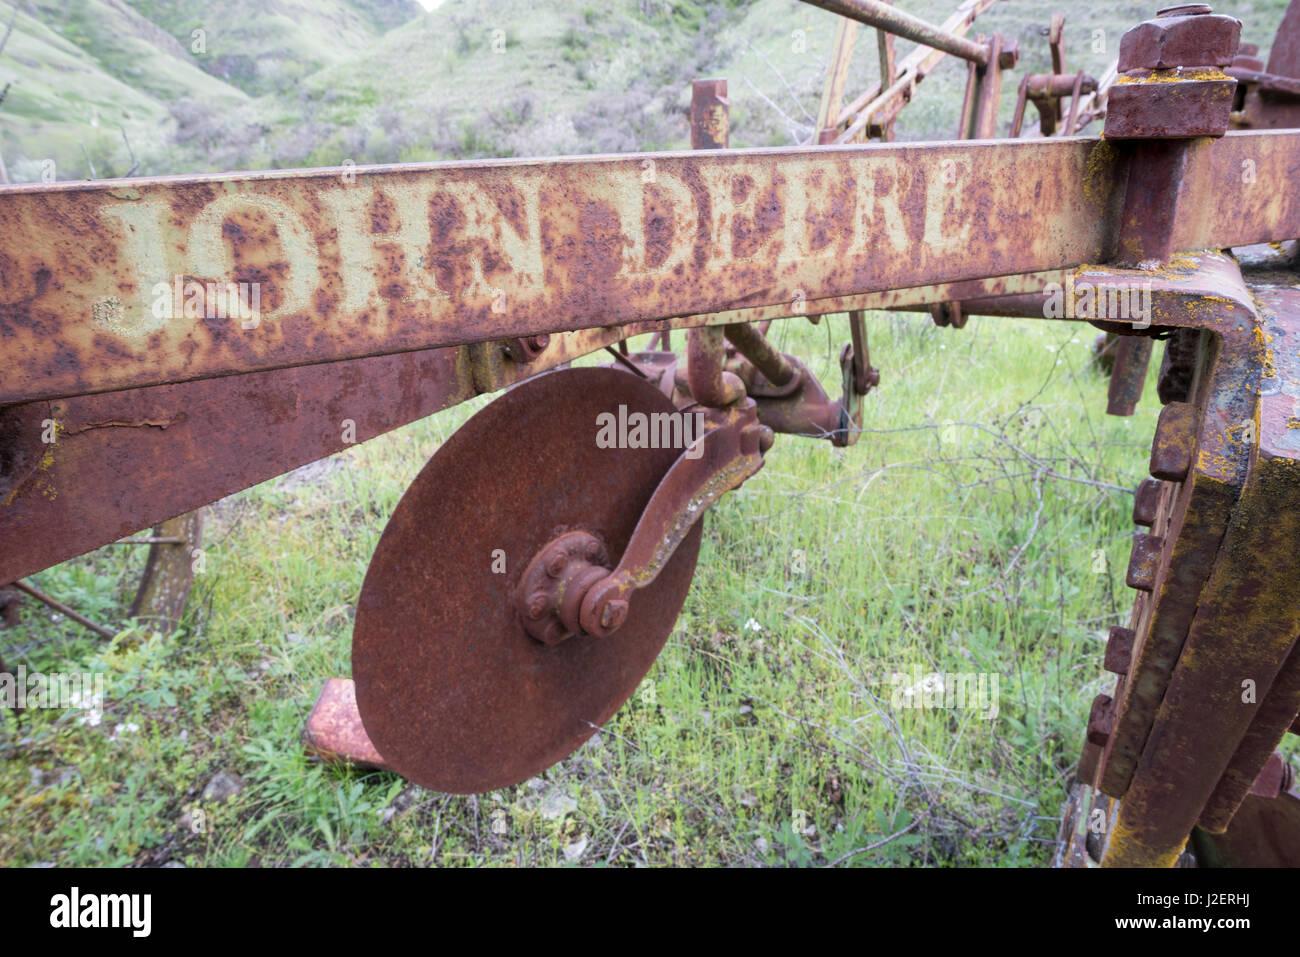 Ancienne exploitation agricole John Deere de mettre en œuvre dans l'Est de Washington. Photo Stock